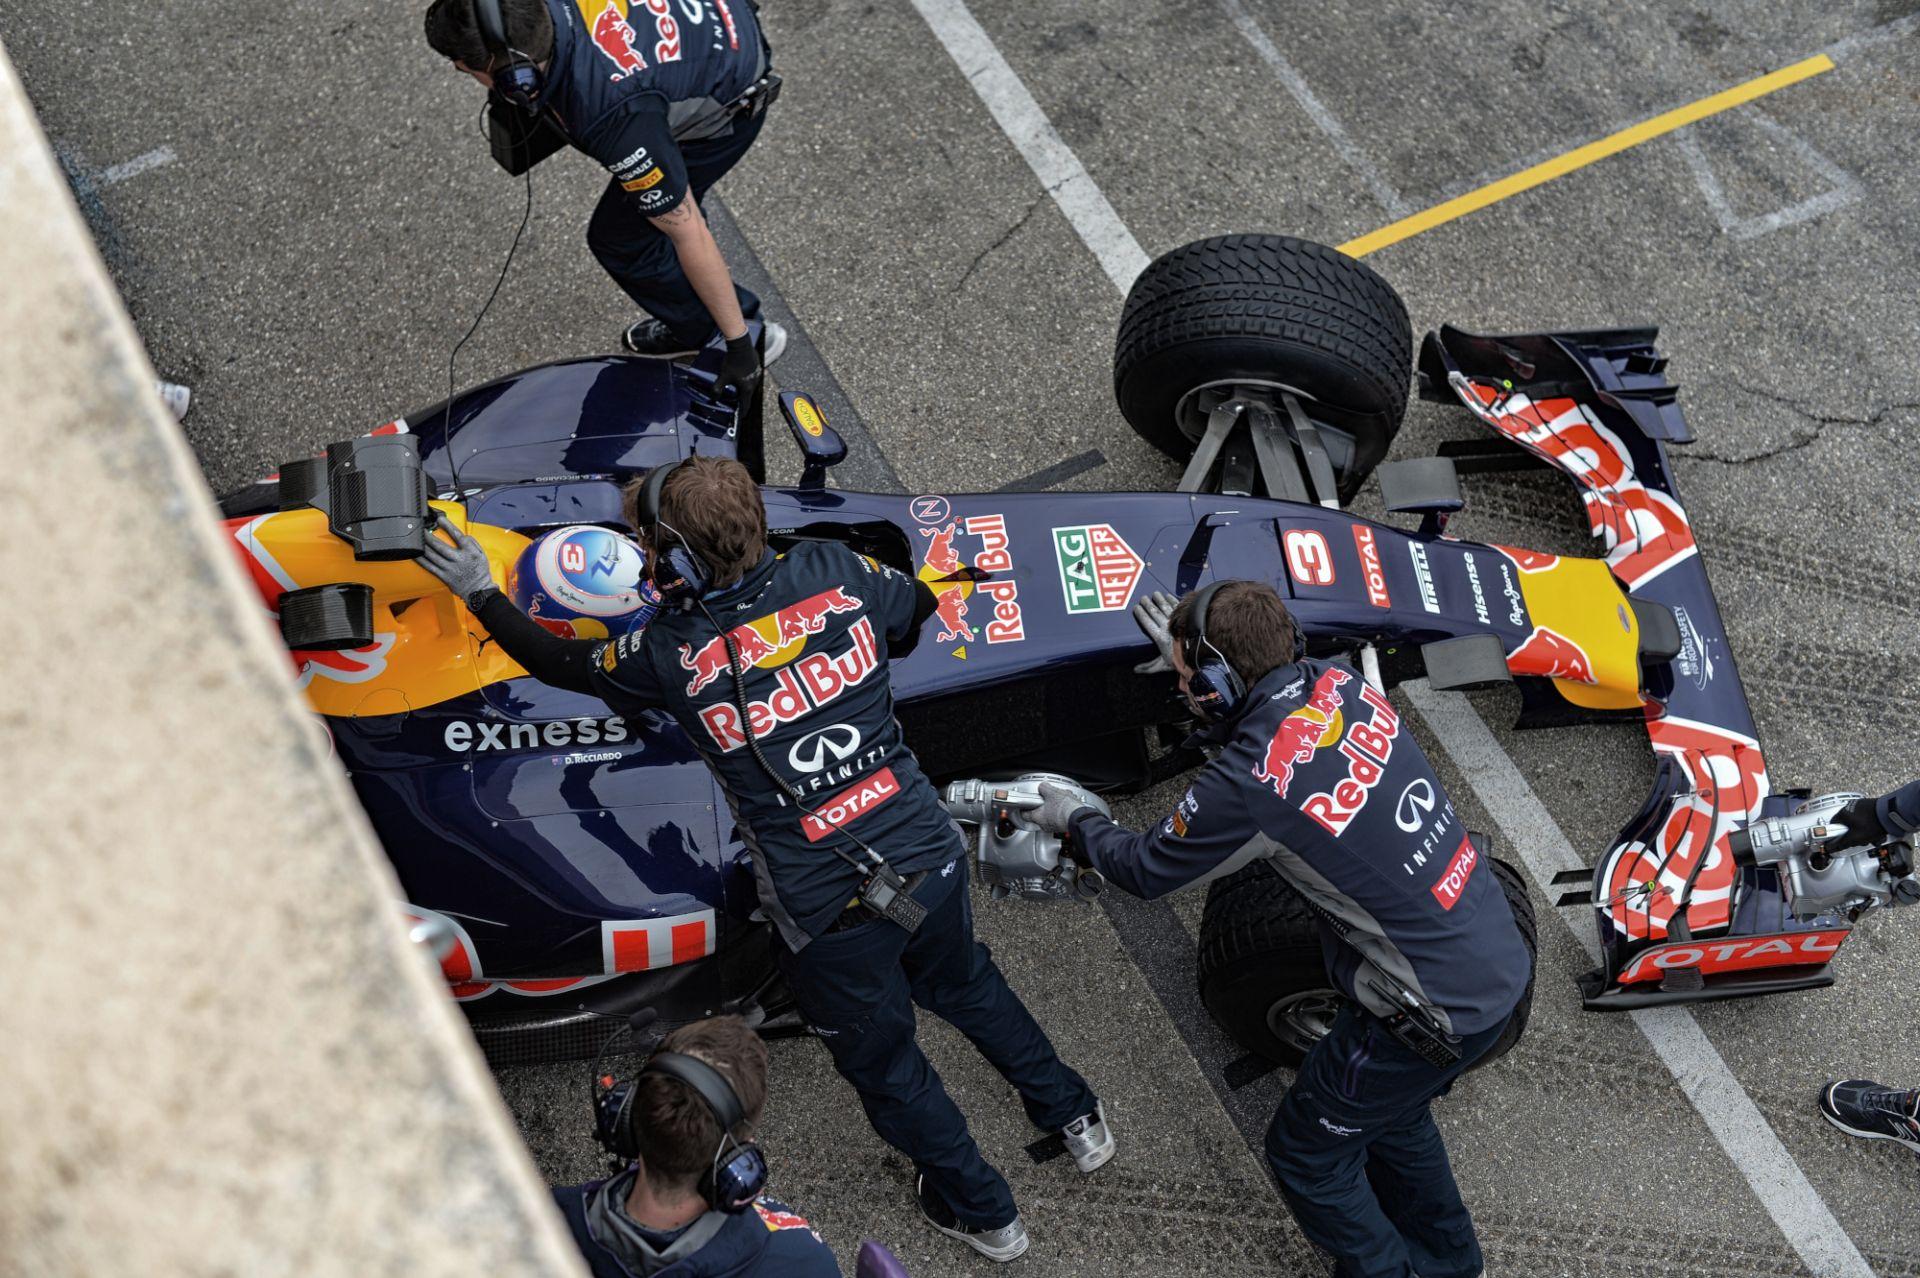 Hivatalos kép, ahogy Ricciardo a félig zárt F1-es pilótafülkében ül